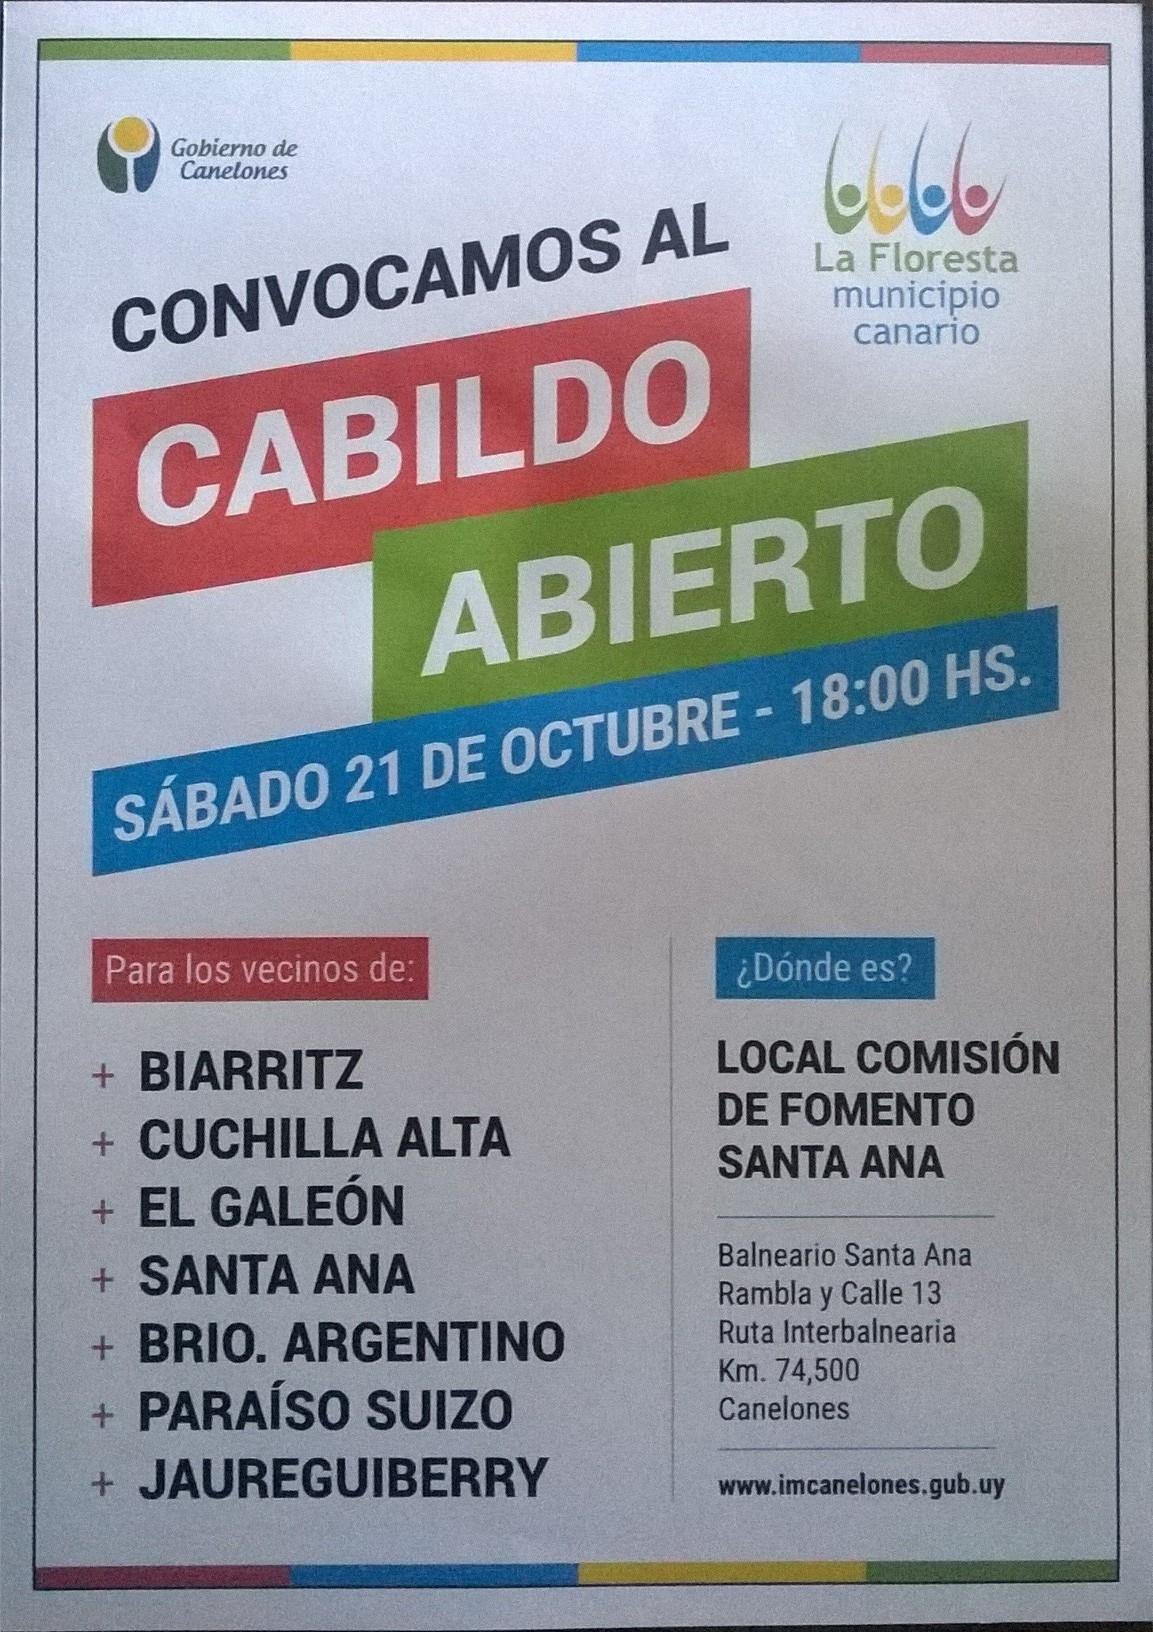 Cabildo Abierto Santa Ana, 21 de Octubre del 2017, a las 18 horas, en Local de Comisión Fomento Santa Ana.